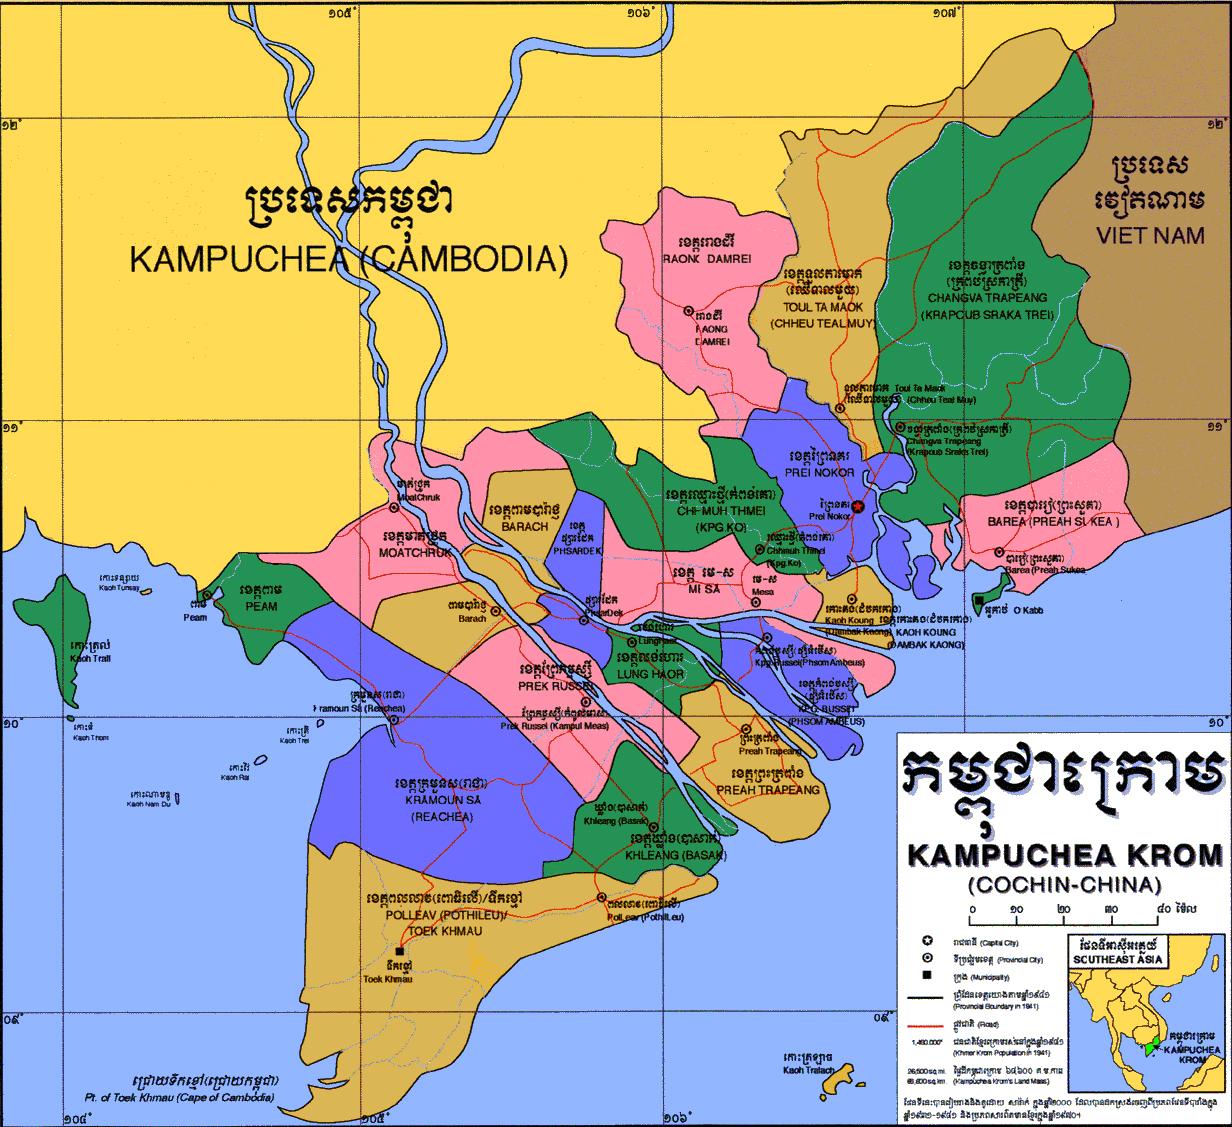 http://khmerkromngo.org/gImages/kampucheakromMapL.jpg